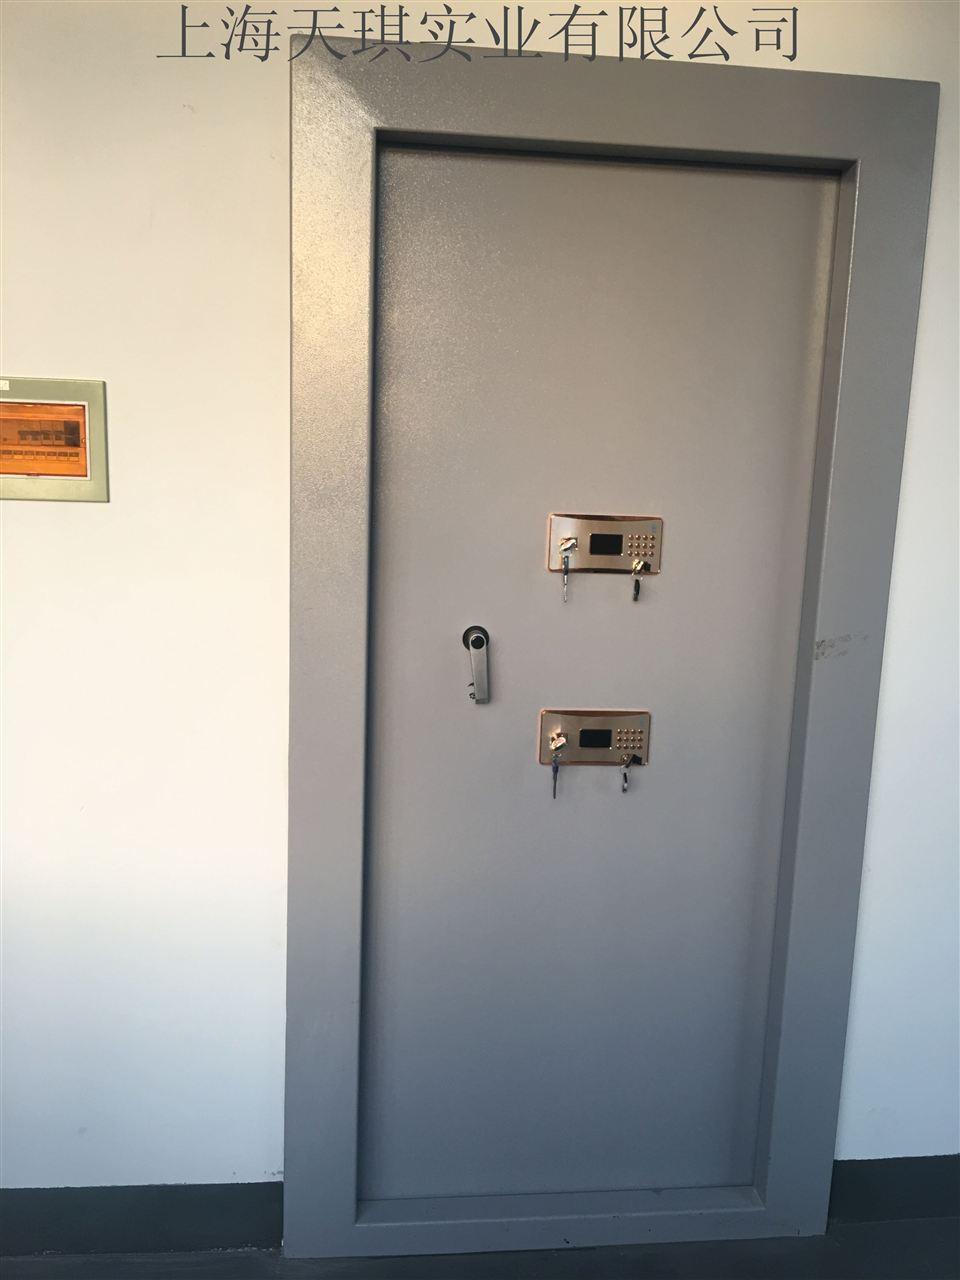 哪里有豪宅安全门买